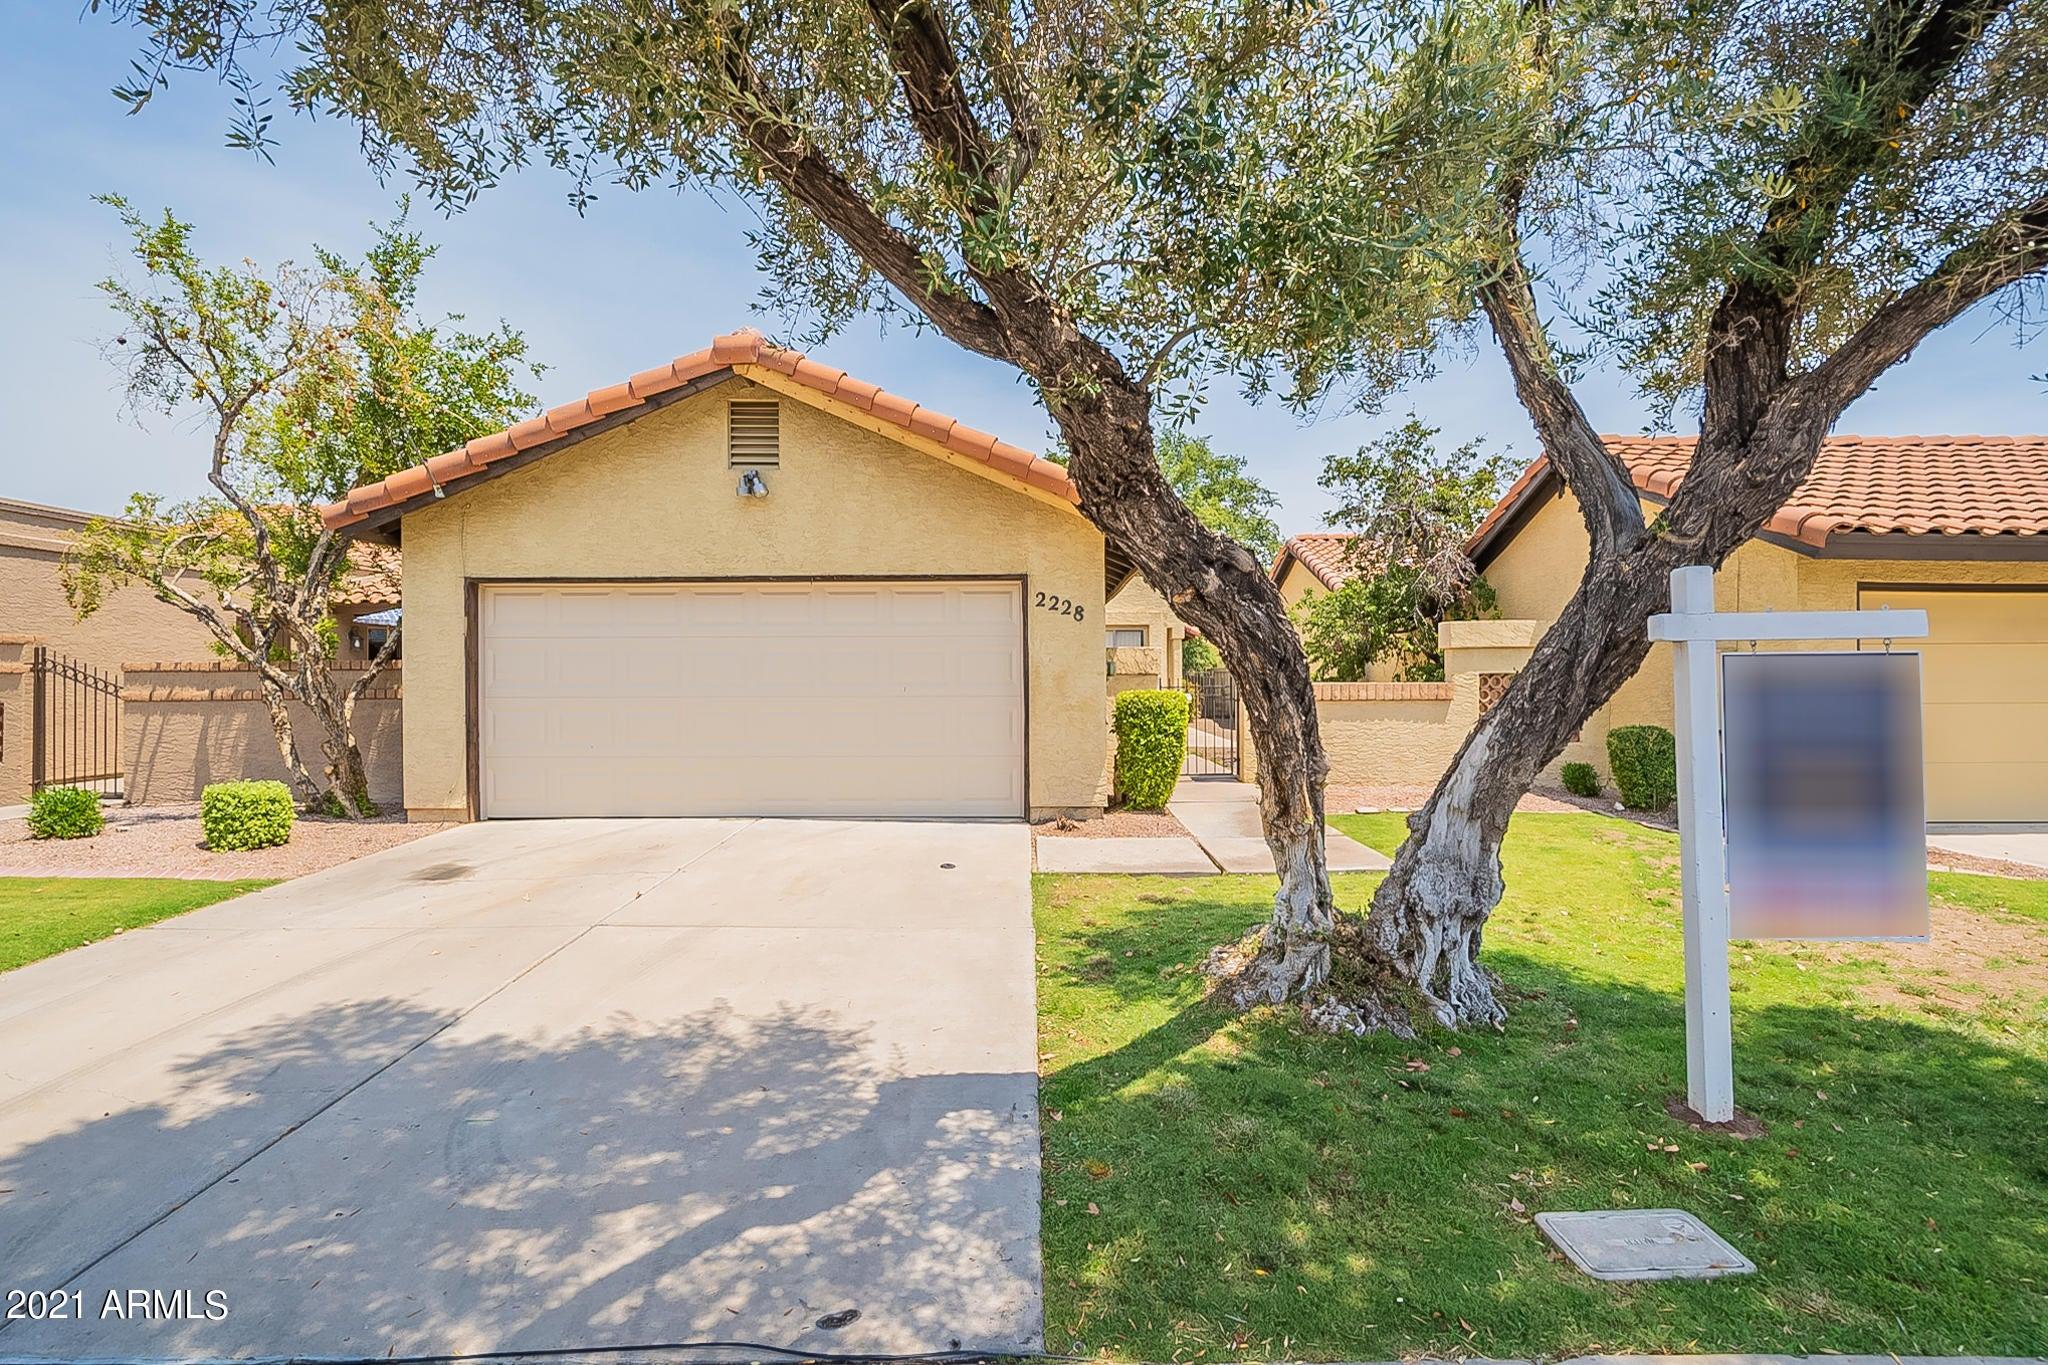 2228 E FLOSSMOOR Avenue, Mesa, AZ 85204